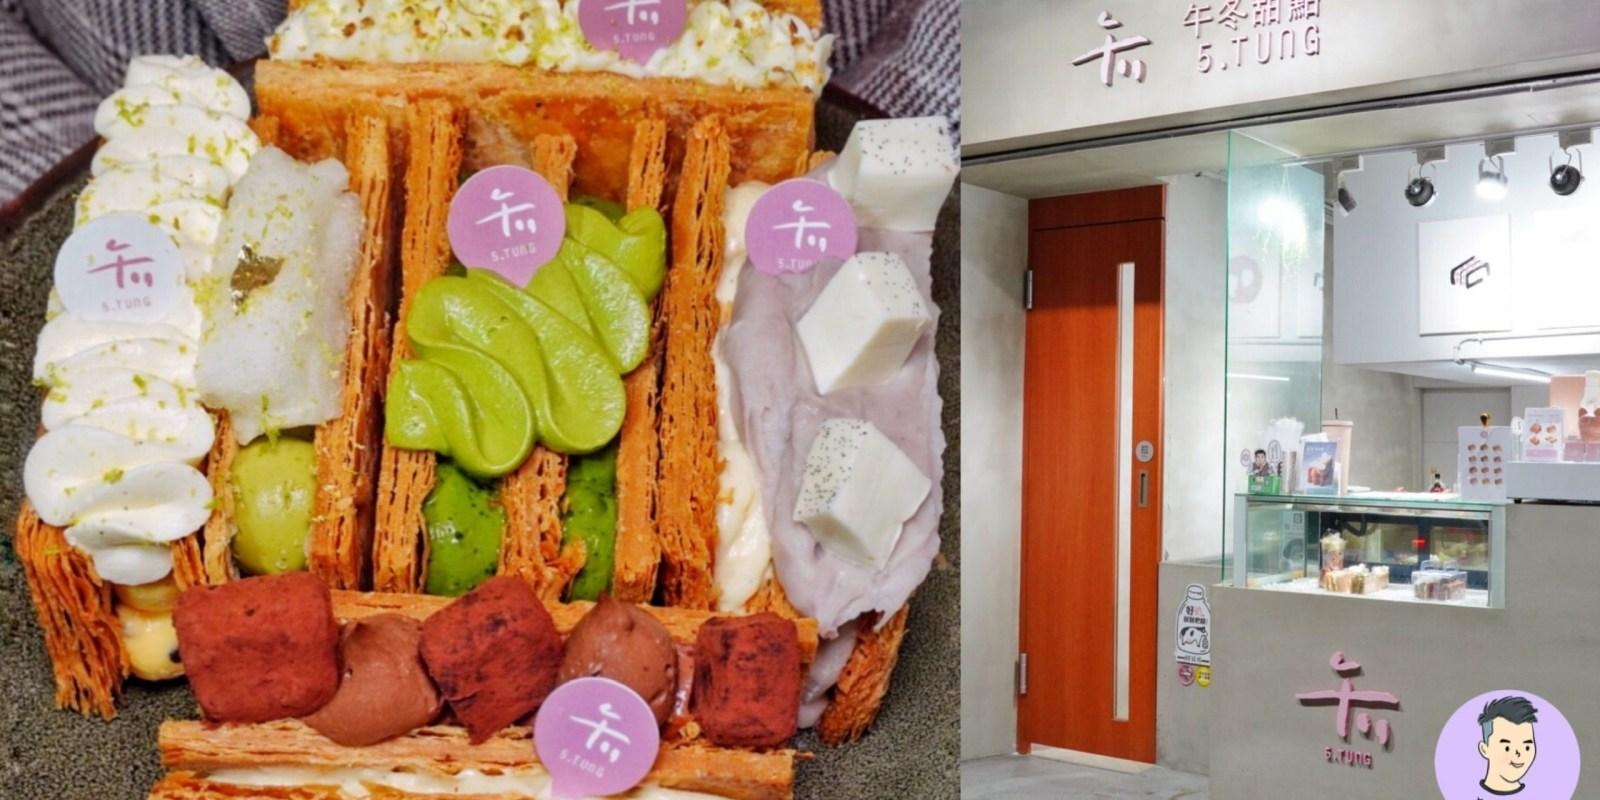 【台北美食】台北最強純手工法式千層酥「午冬甜點 」IG打卡名店!4.7高評分肯定 晚來就買不到了 台北火車站